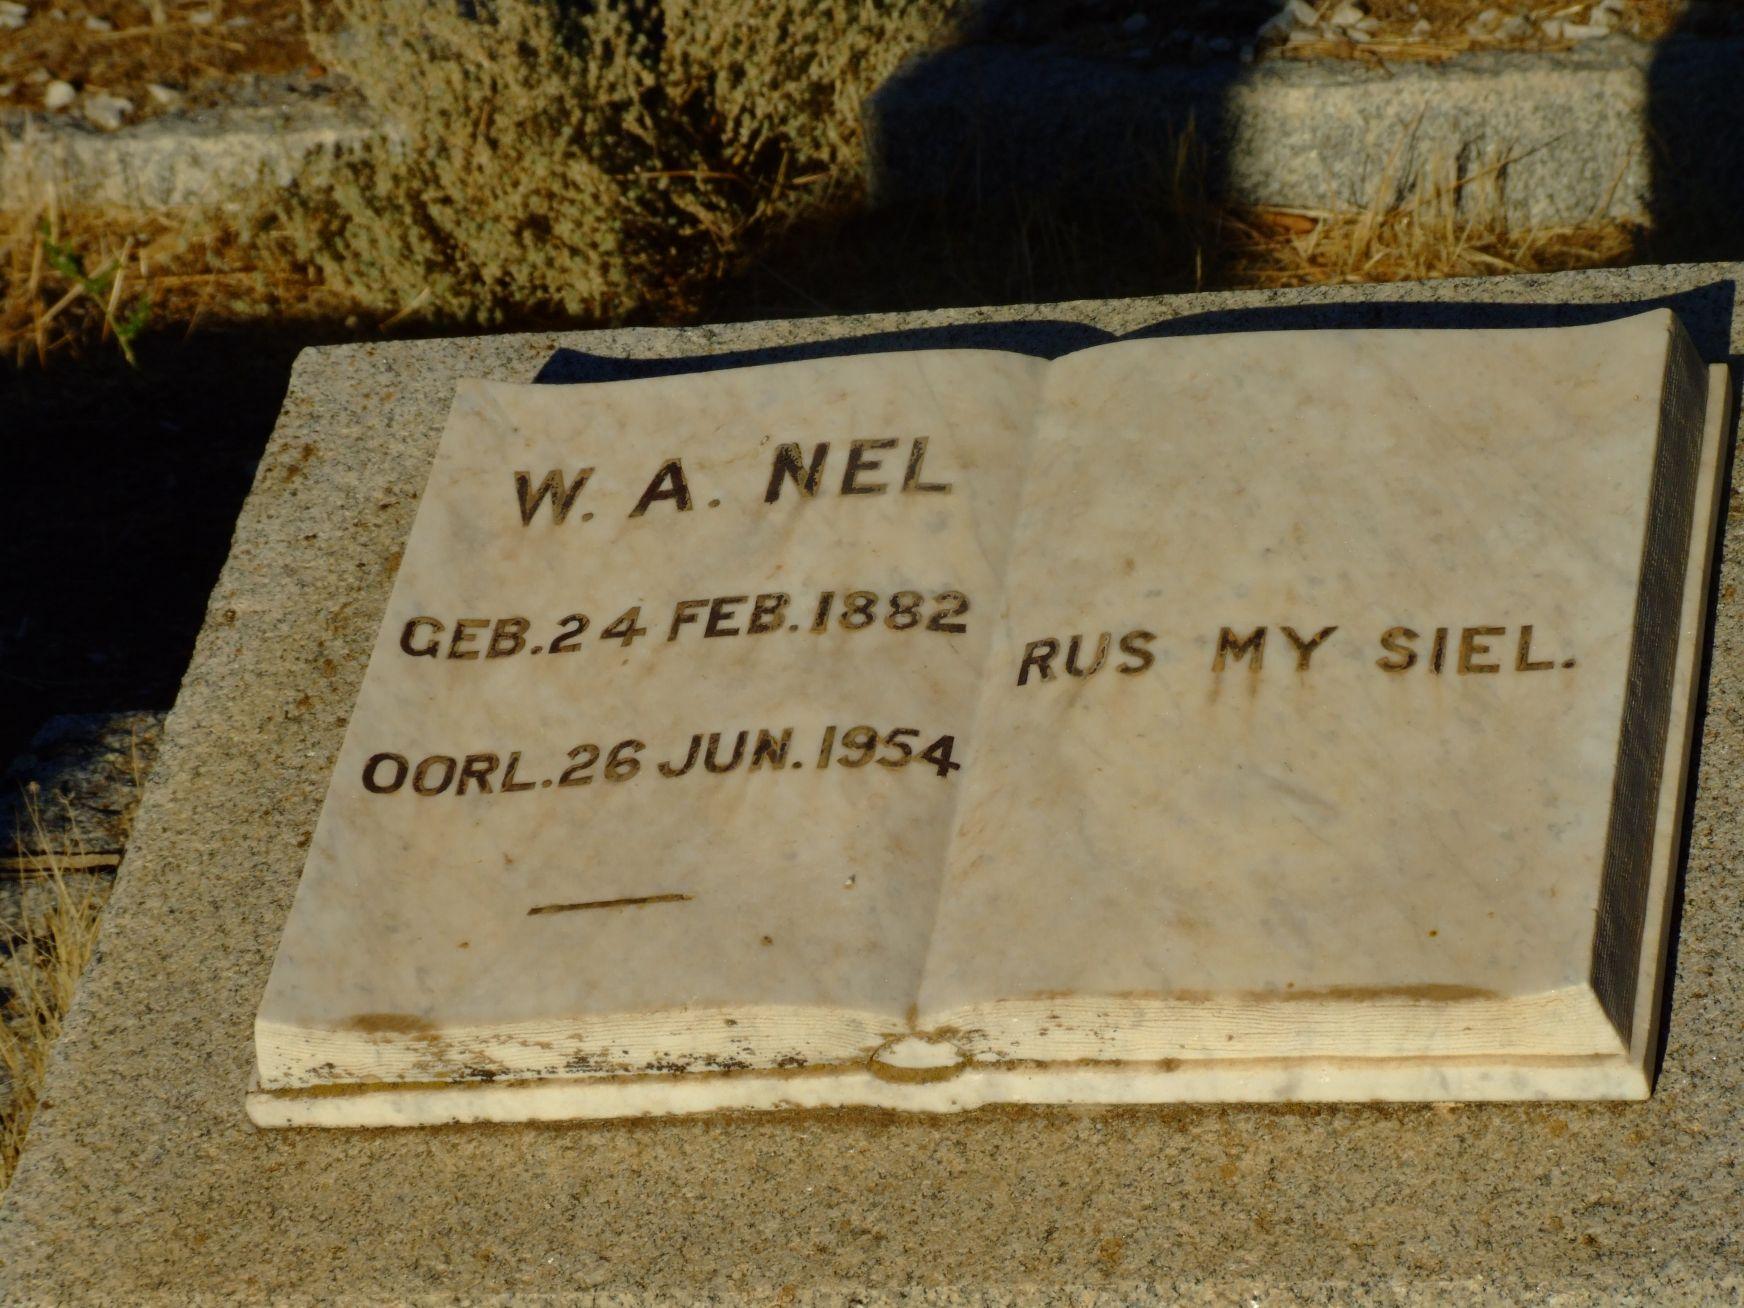 Nel, W. A.